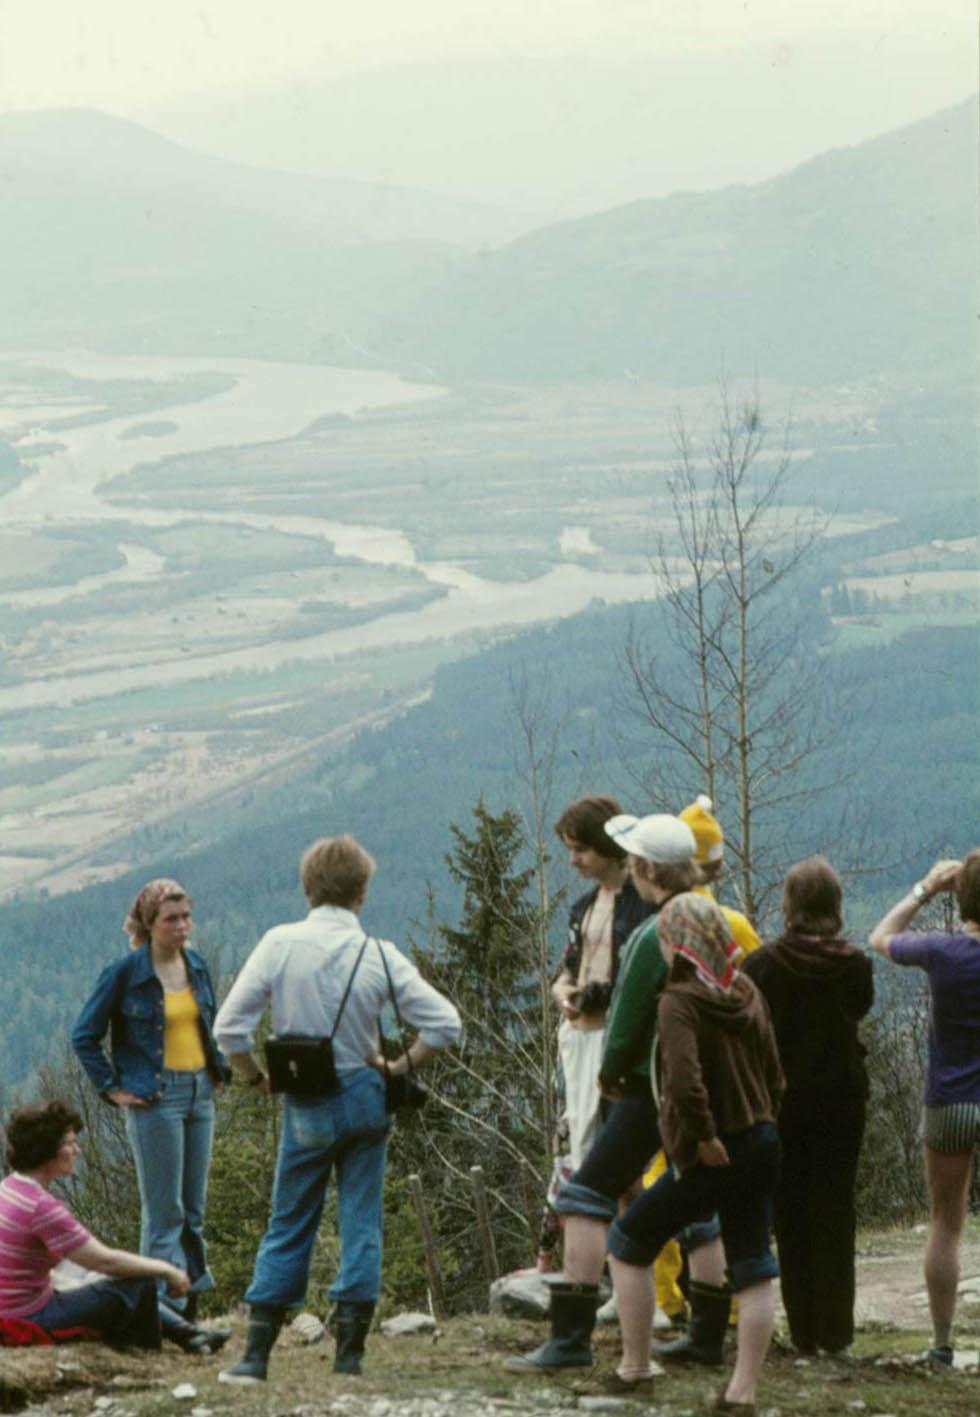 Ungefär halvvägs upp till toppen på bergen ovanför Gudbrandsdalen, där bosättningen slutar.